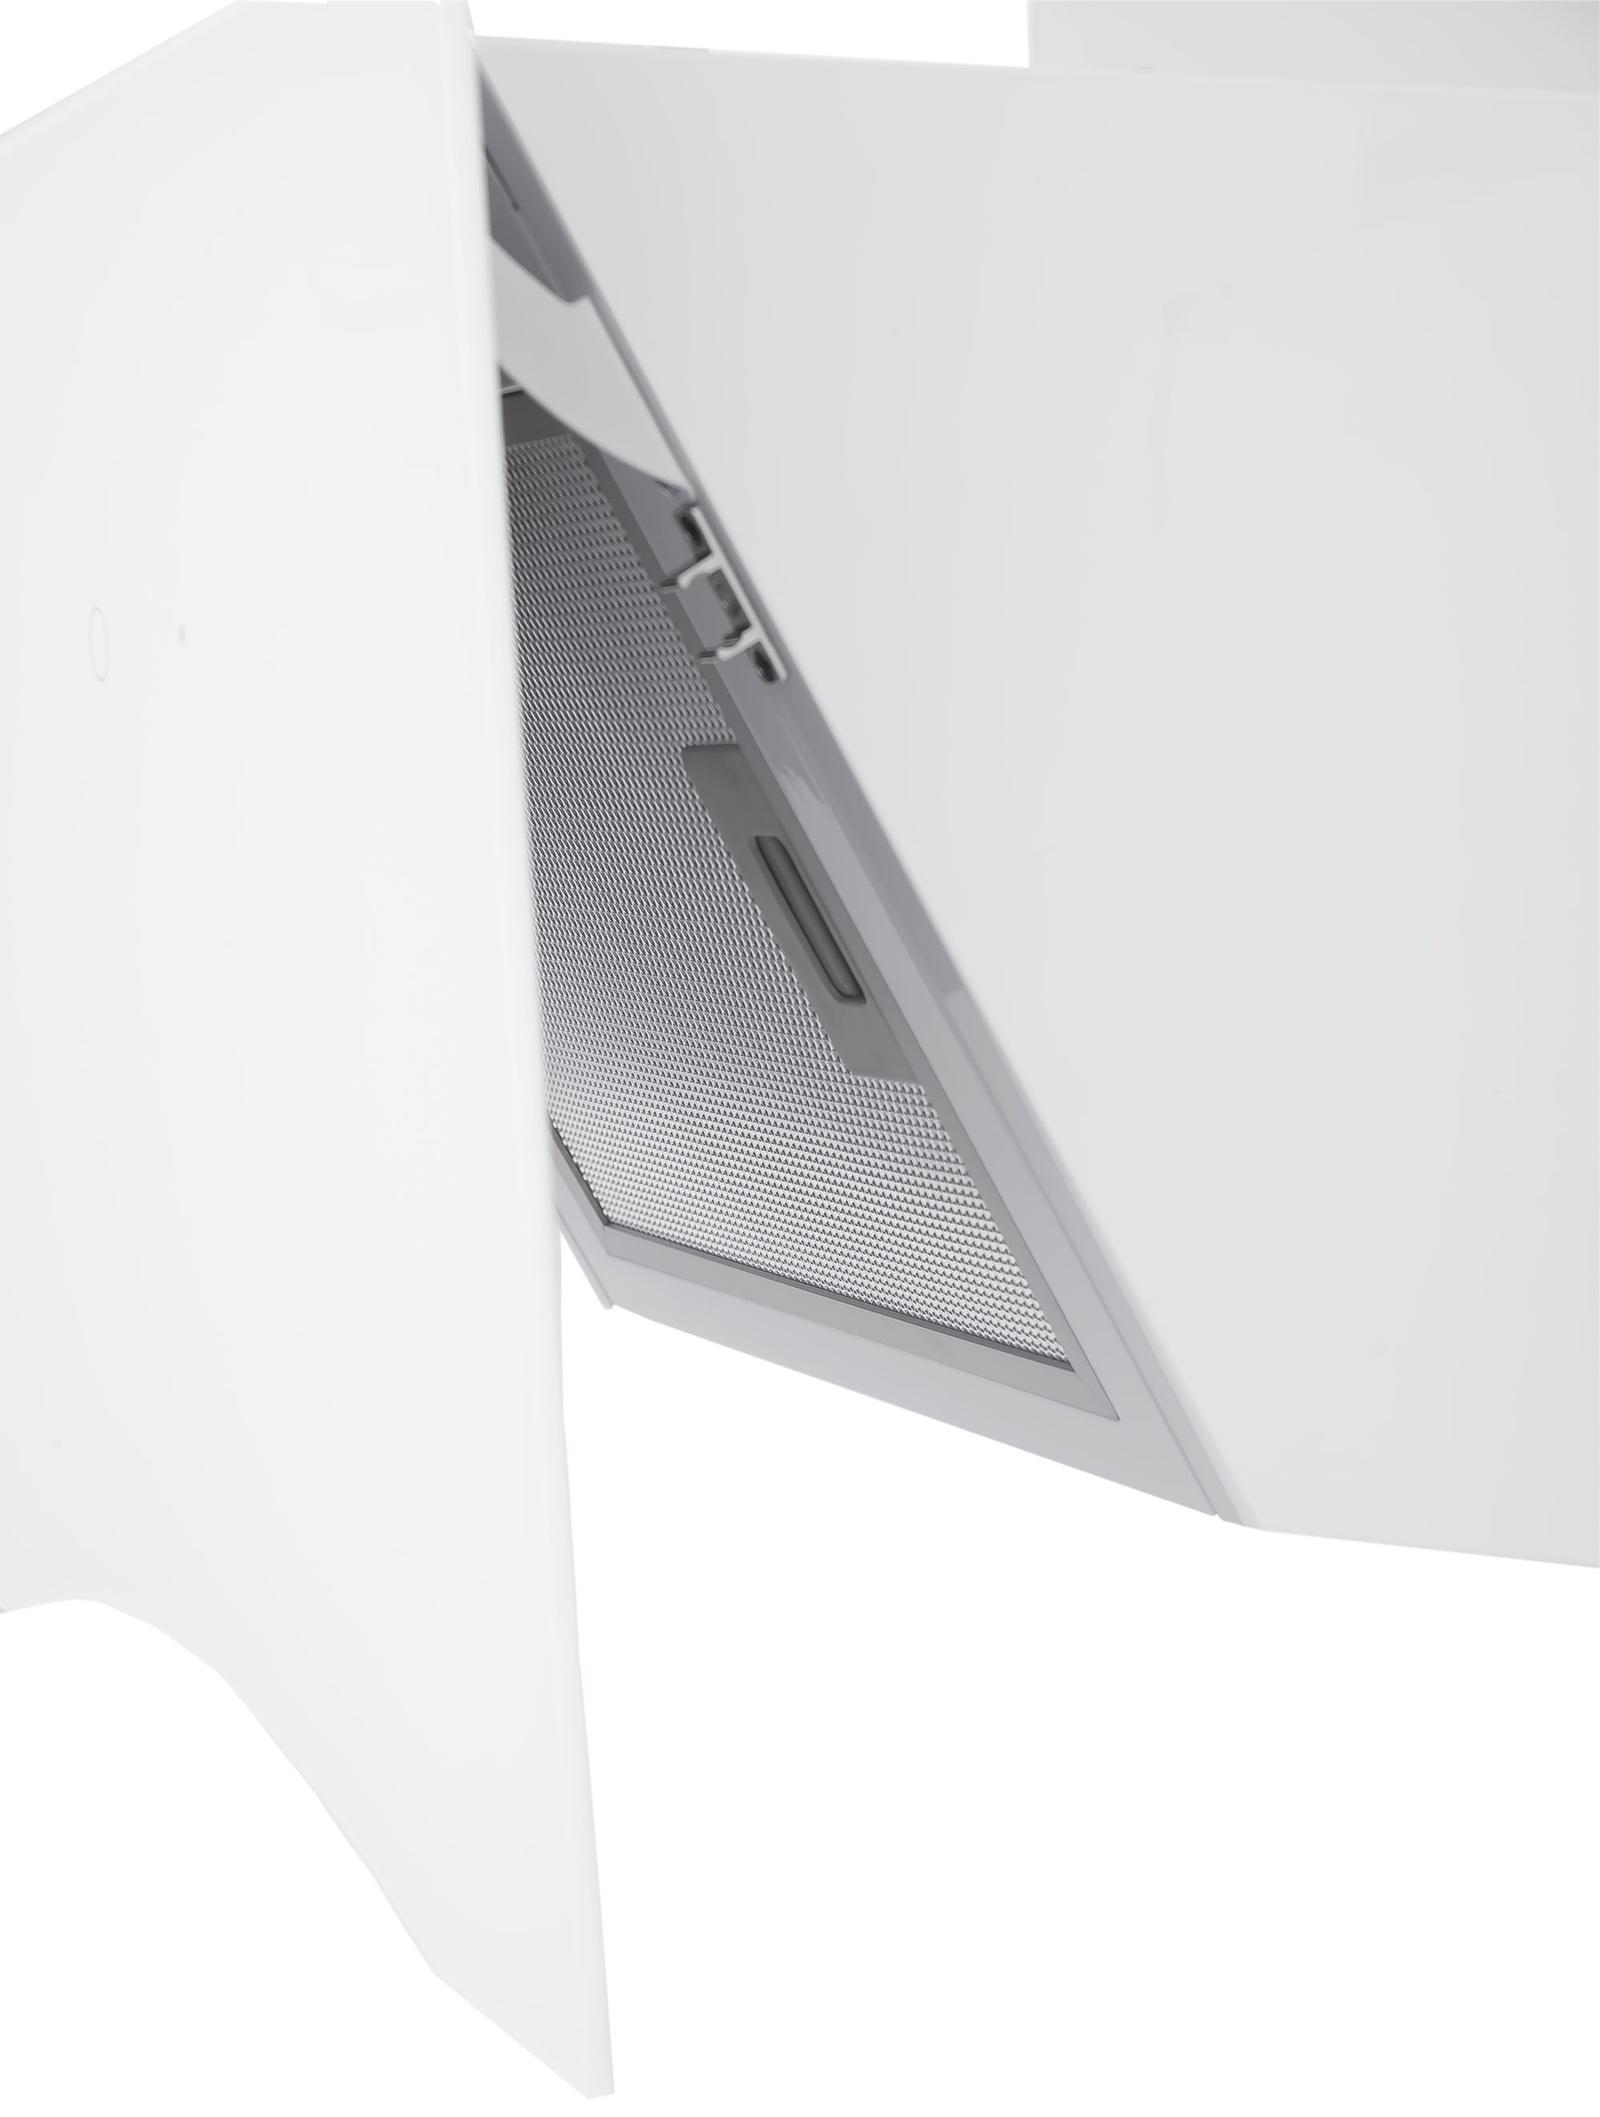 Вытяжка Exiteq EX-1116 white, 30220, белый Exiteq